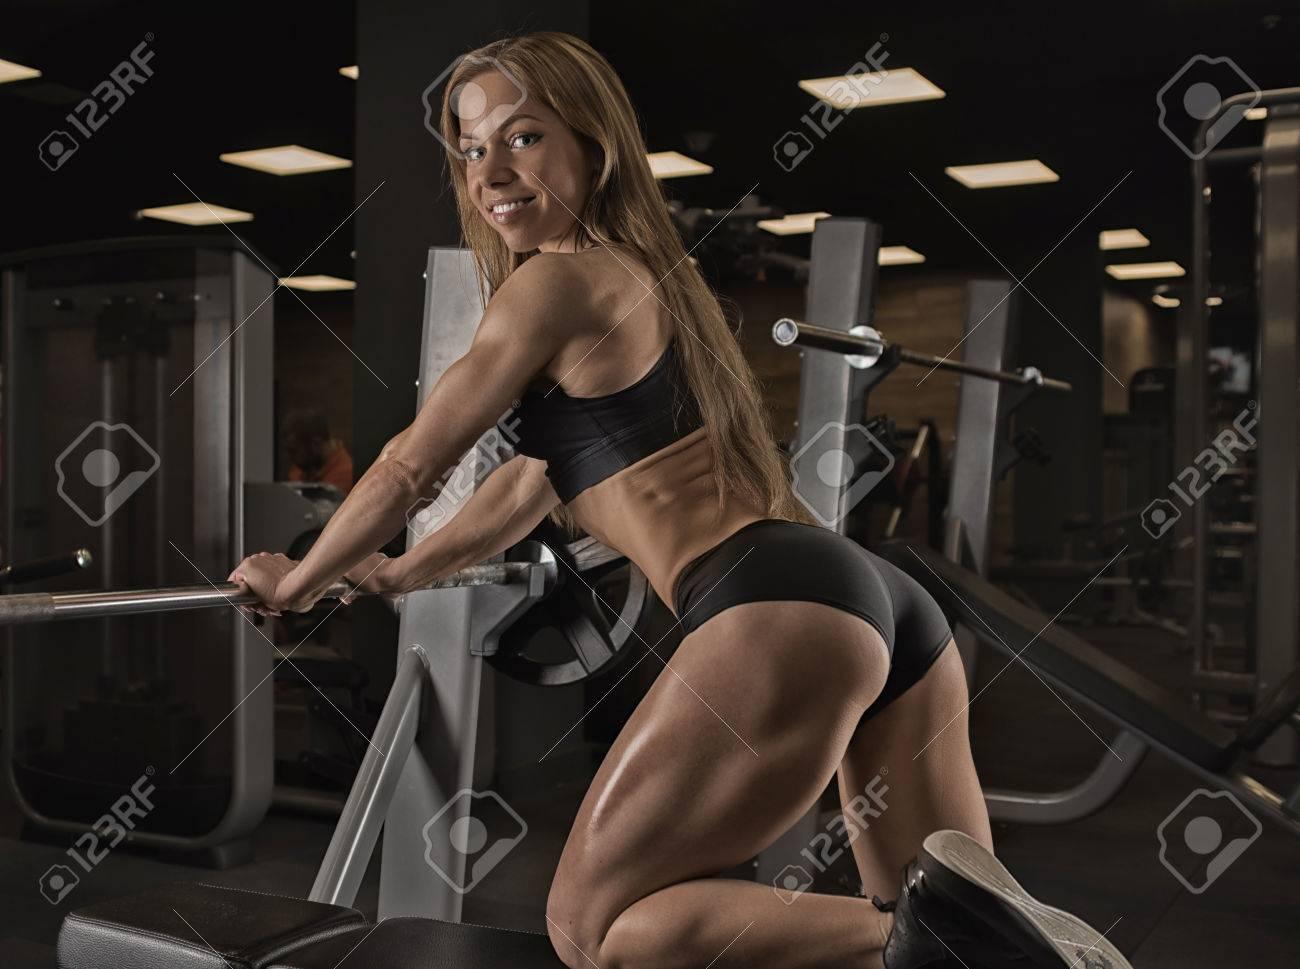 Fille Fitness Photo musclé fille fitness avec un beau sourire posant dans la salle de